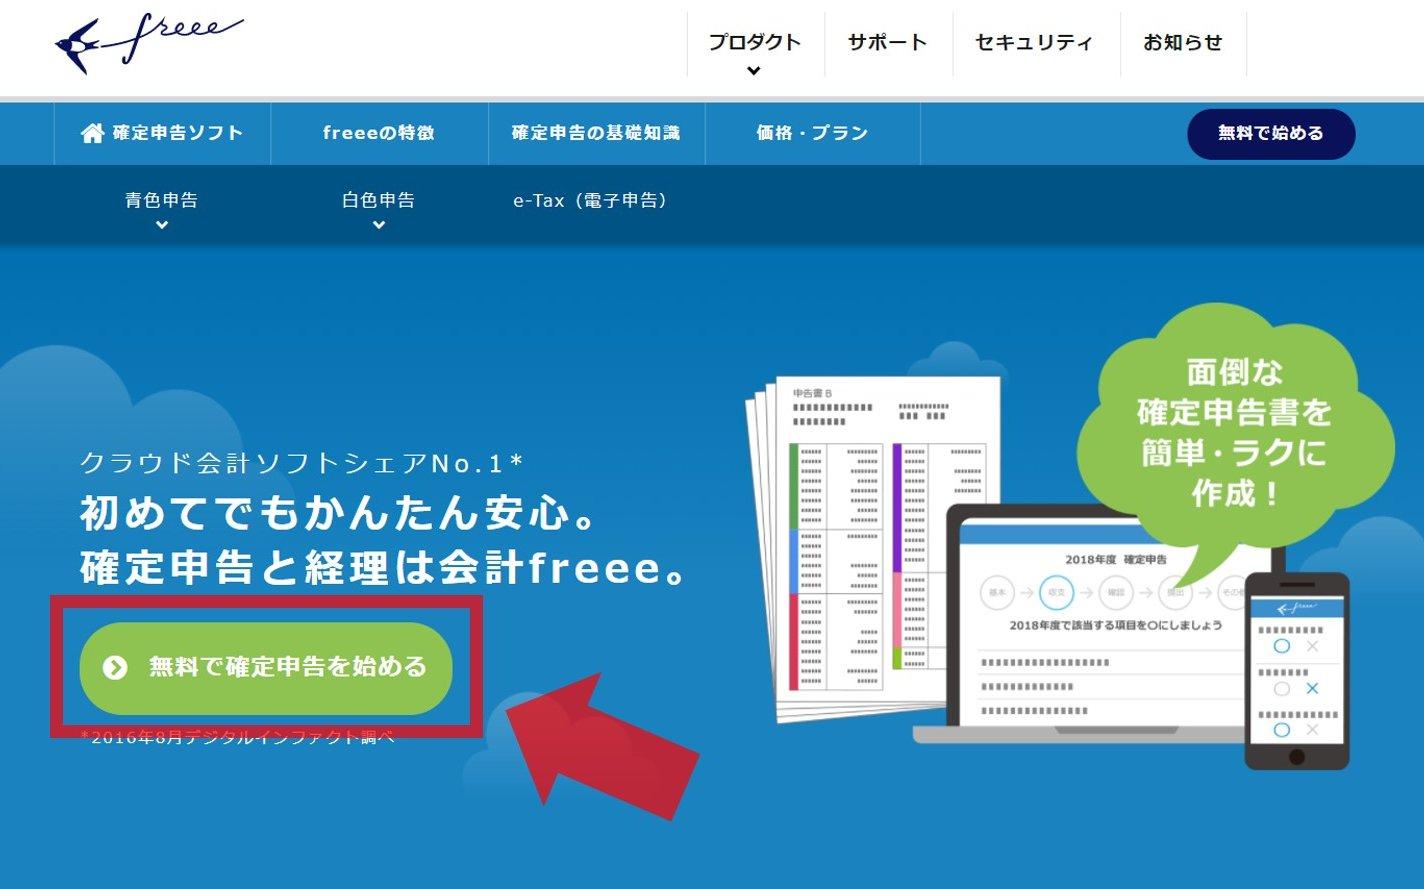 フリーランス・個人事業主がクラウド会計ソフト freee フリーを使って確定申告を手っ取り早く終わらせる方法をまとめてみたよ。